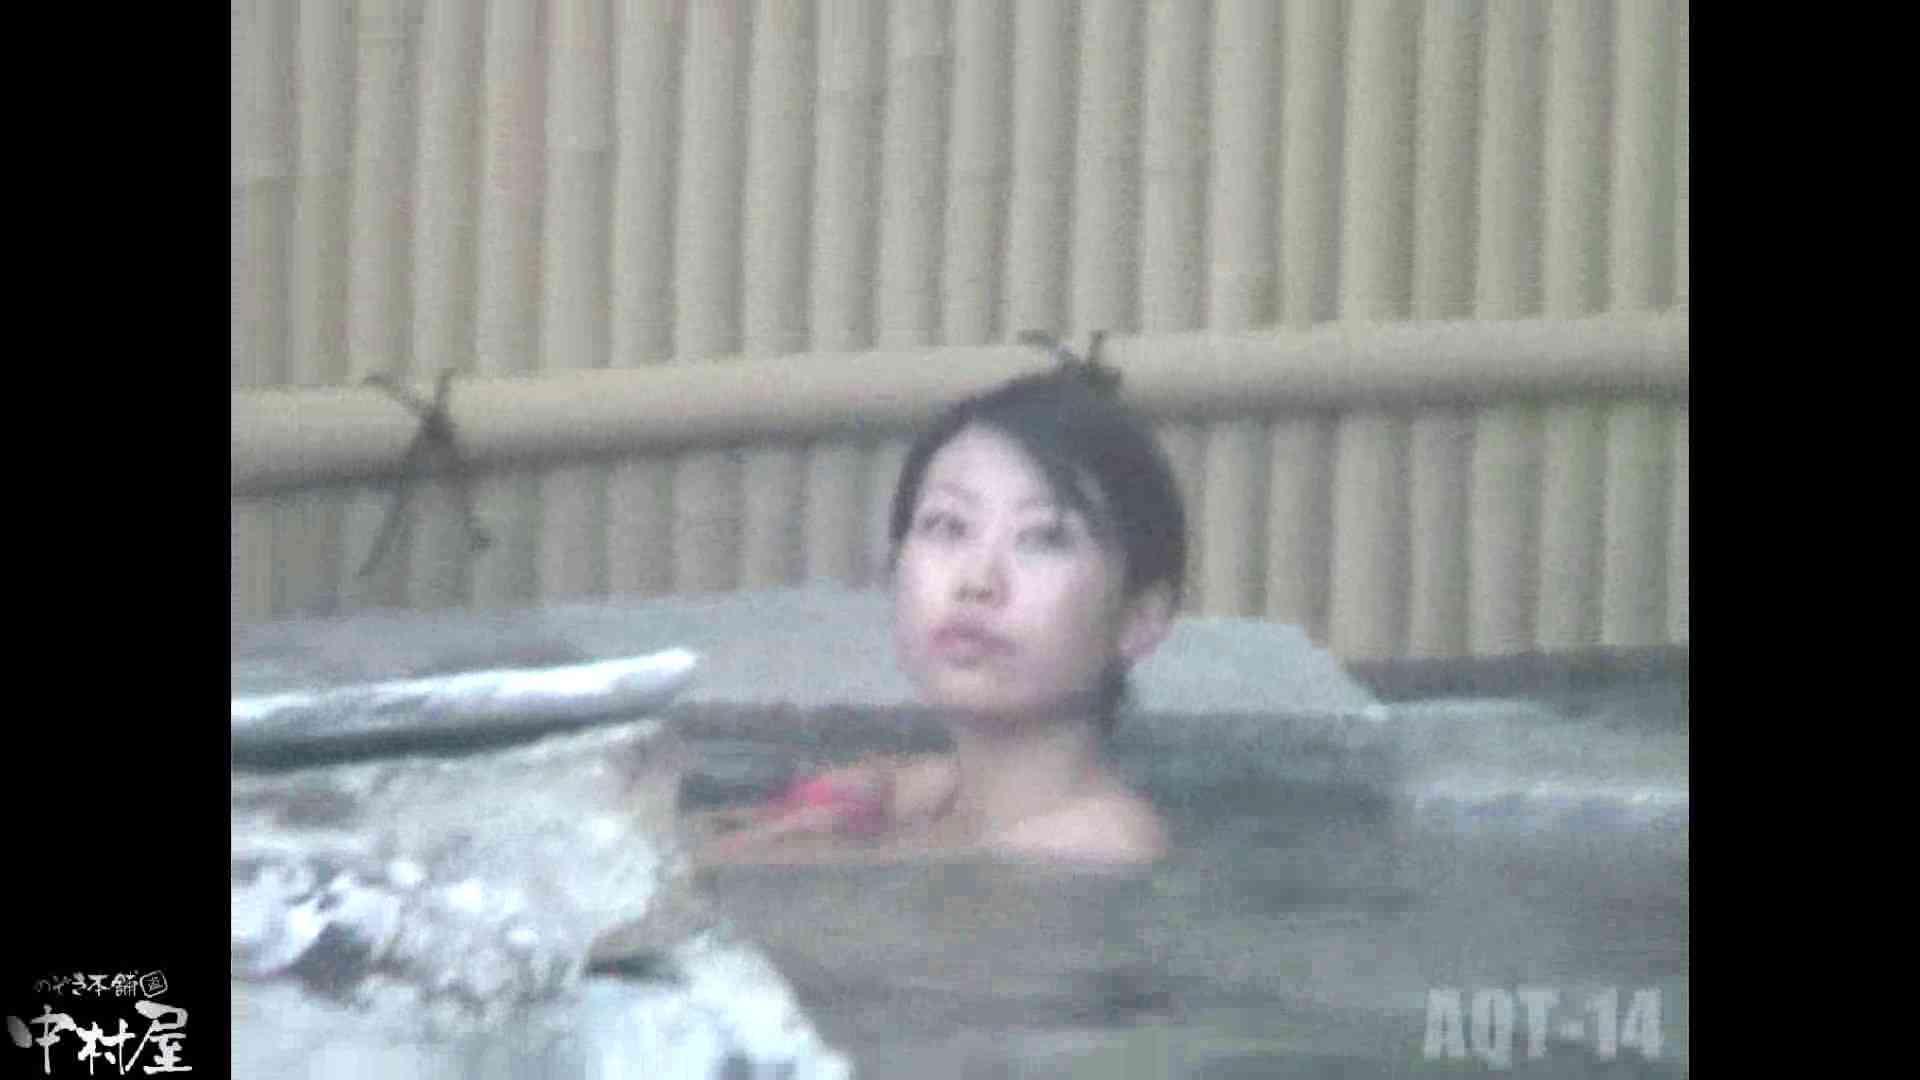 Aquaな露天風呂Vol.878潜入盗撮露天風呂十四判湯 其の一 露天 | 盗撮  78pic 12